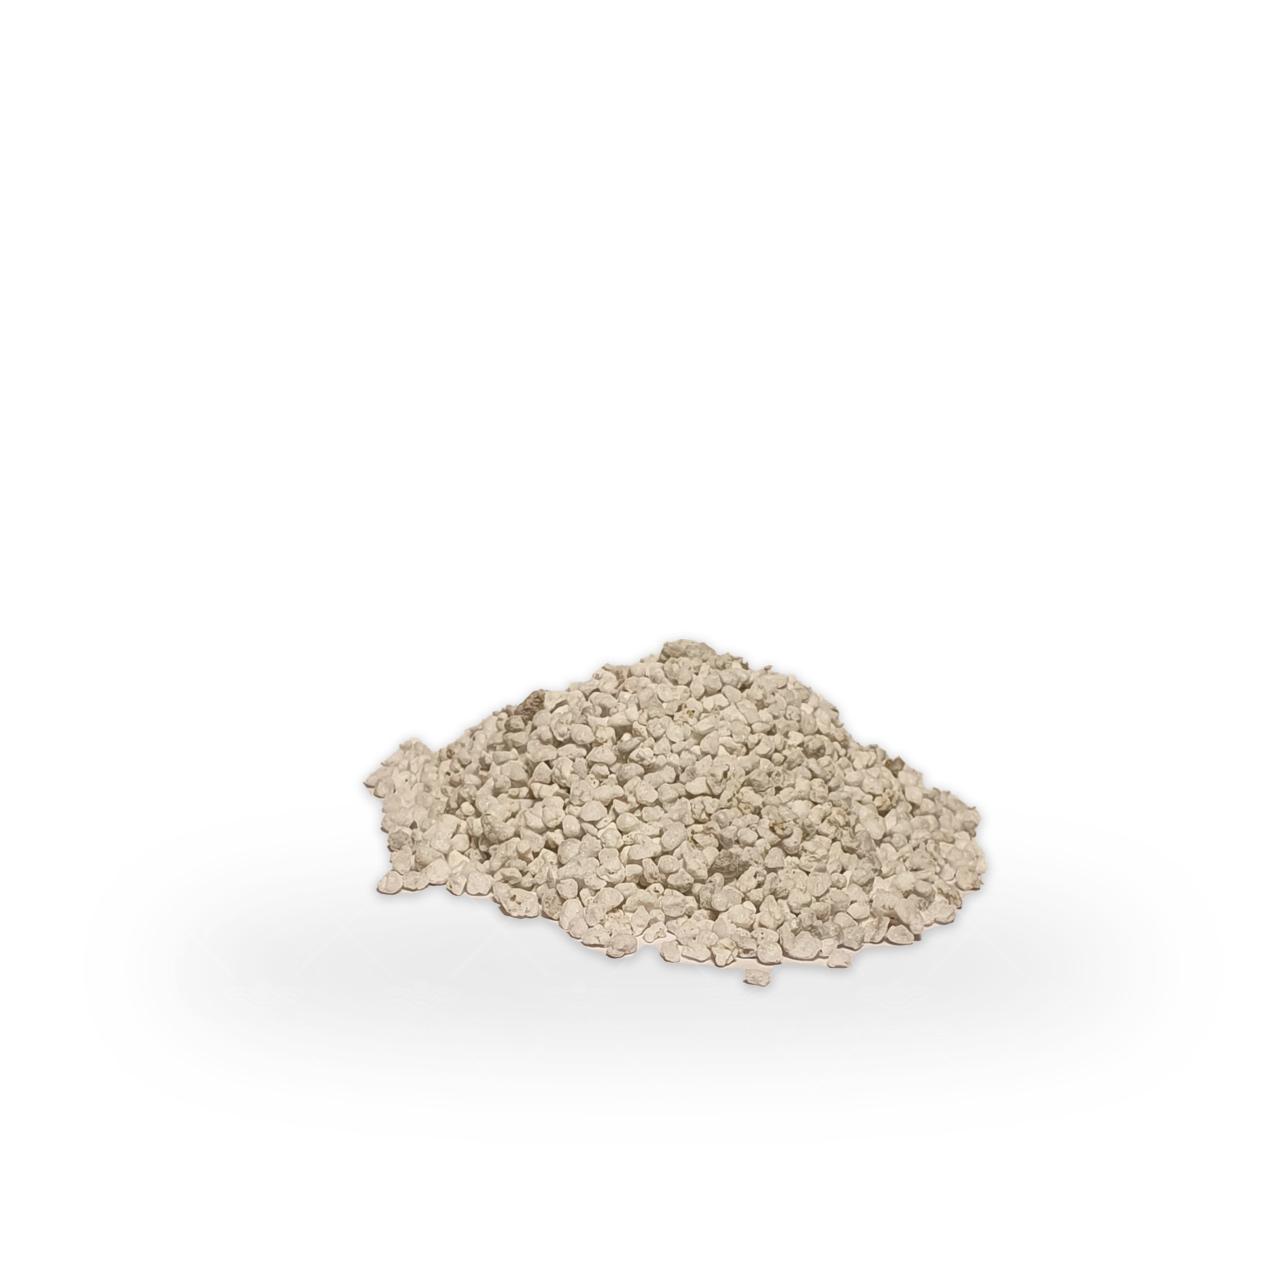 خاک پرلیت کشاورزی دانه متوسط 3 الی 5 میلیمتری